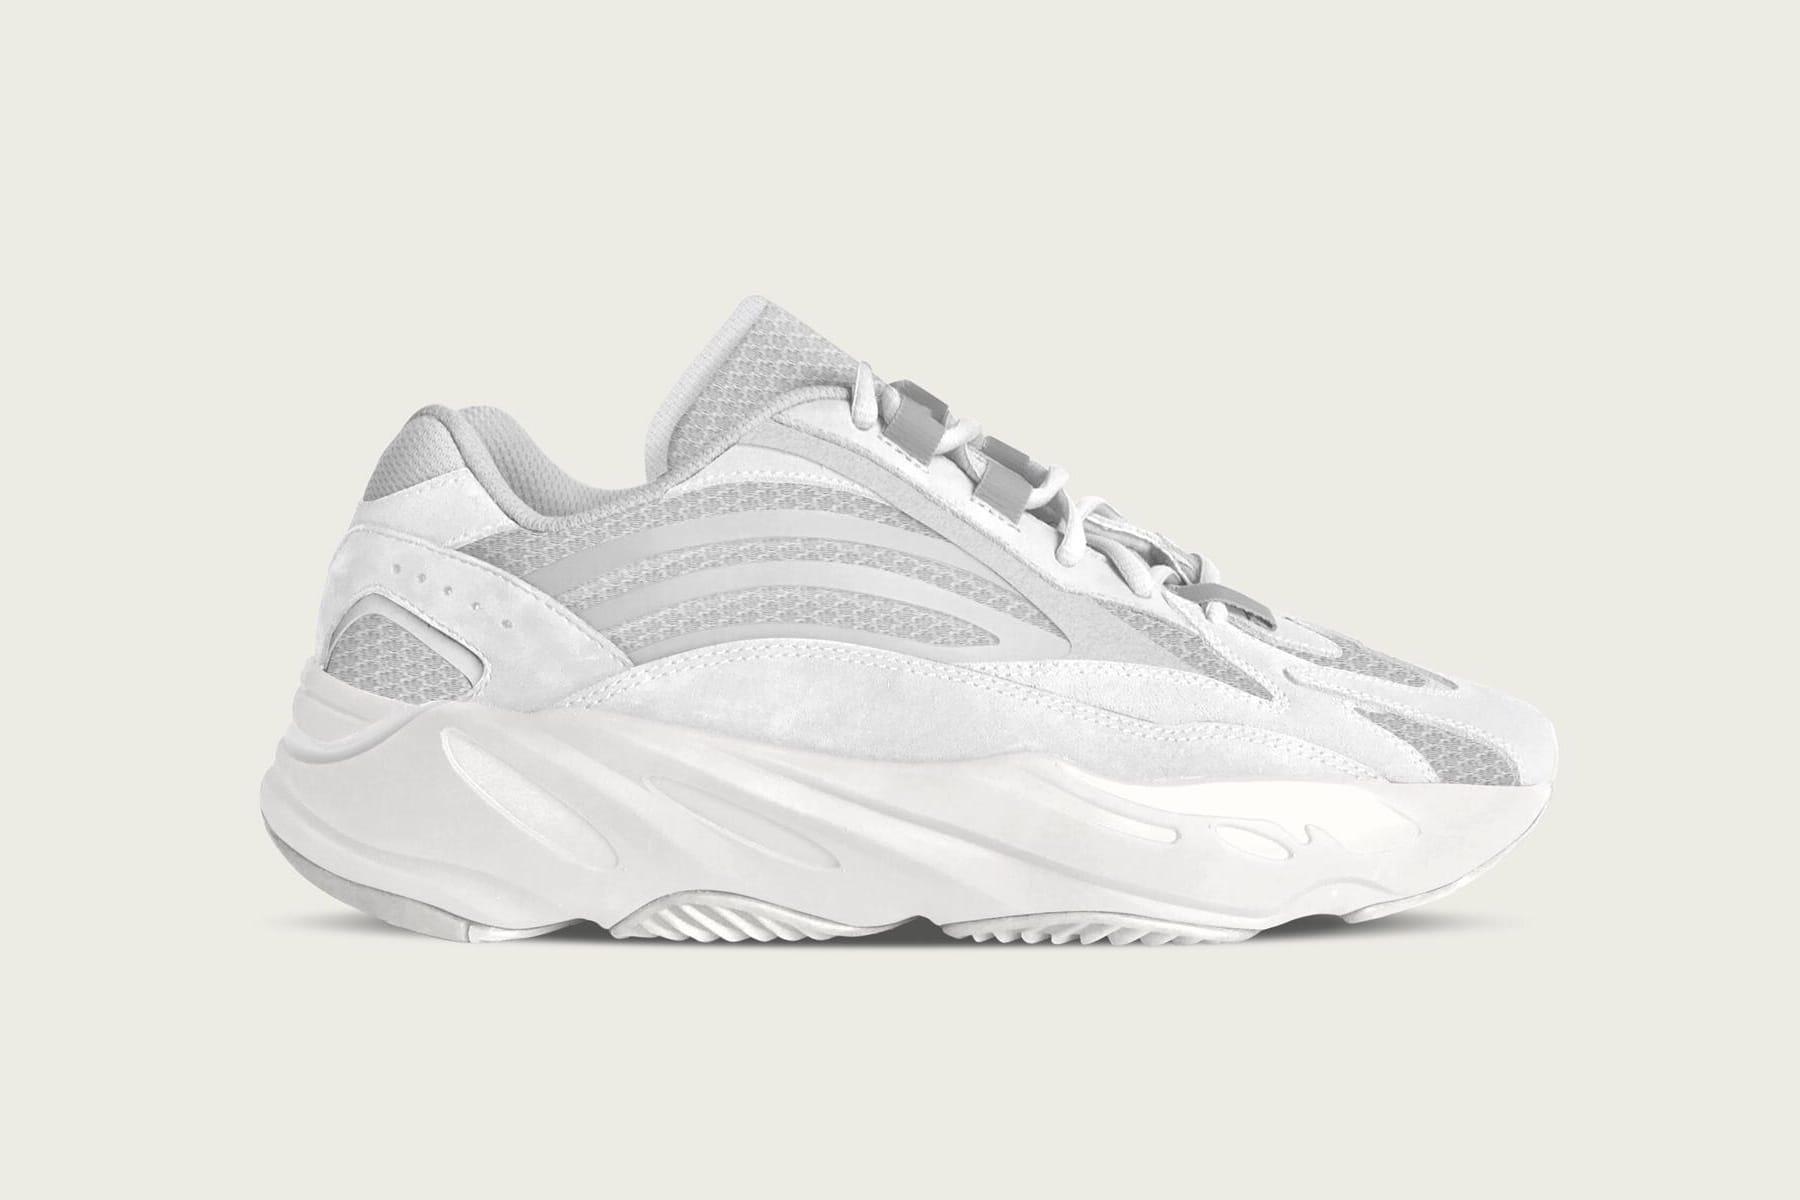 adidas yeezy boost 700 v2 kanye west 2018 footwear kim kardashian